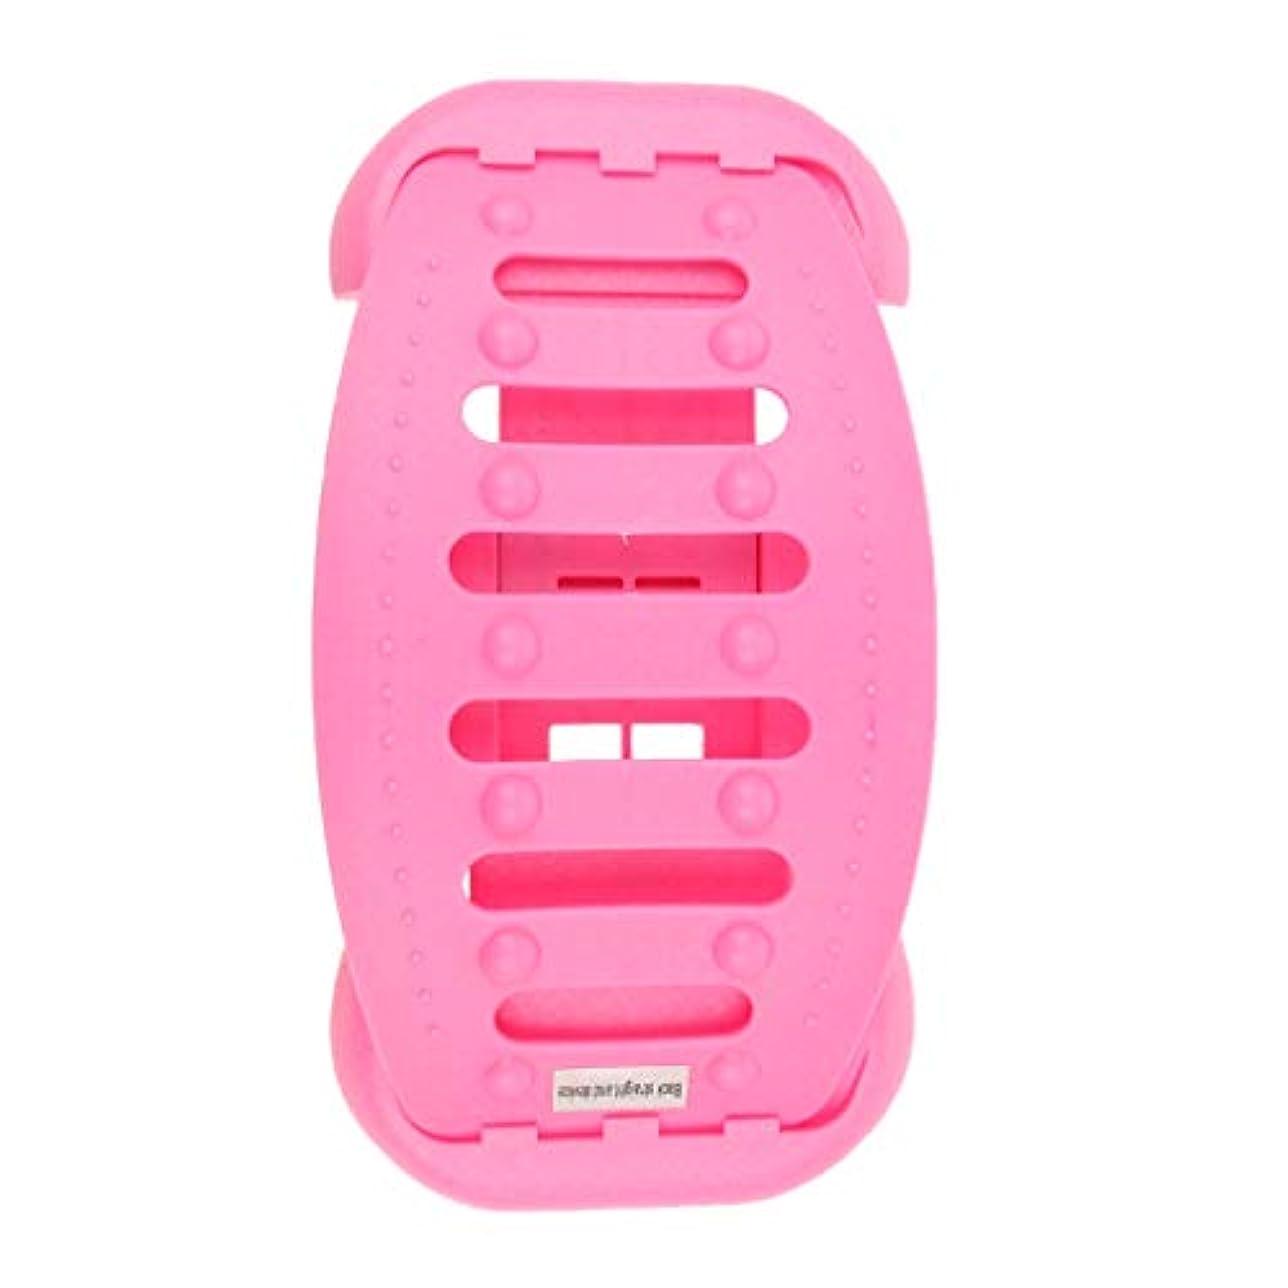 除外する構築する選挙バックストレッチャー 背中 ストレッチャー ストレッチ装置 サポート 高重量容量 全2色 - ピンク